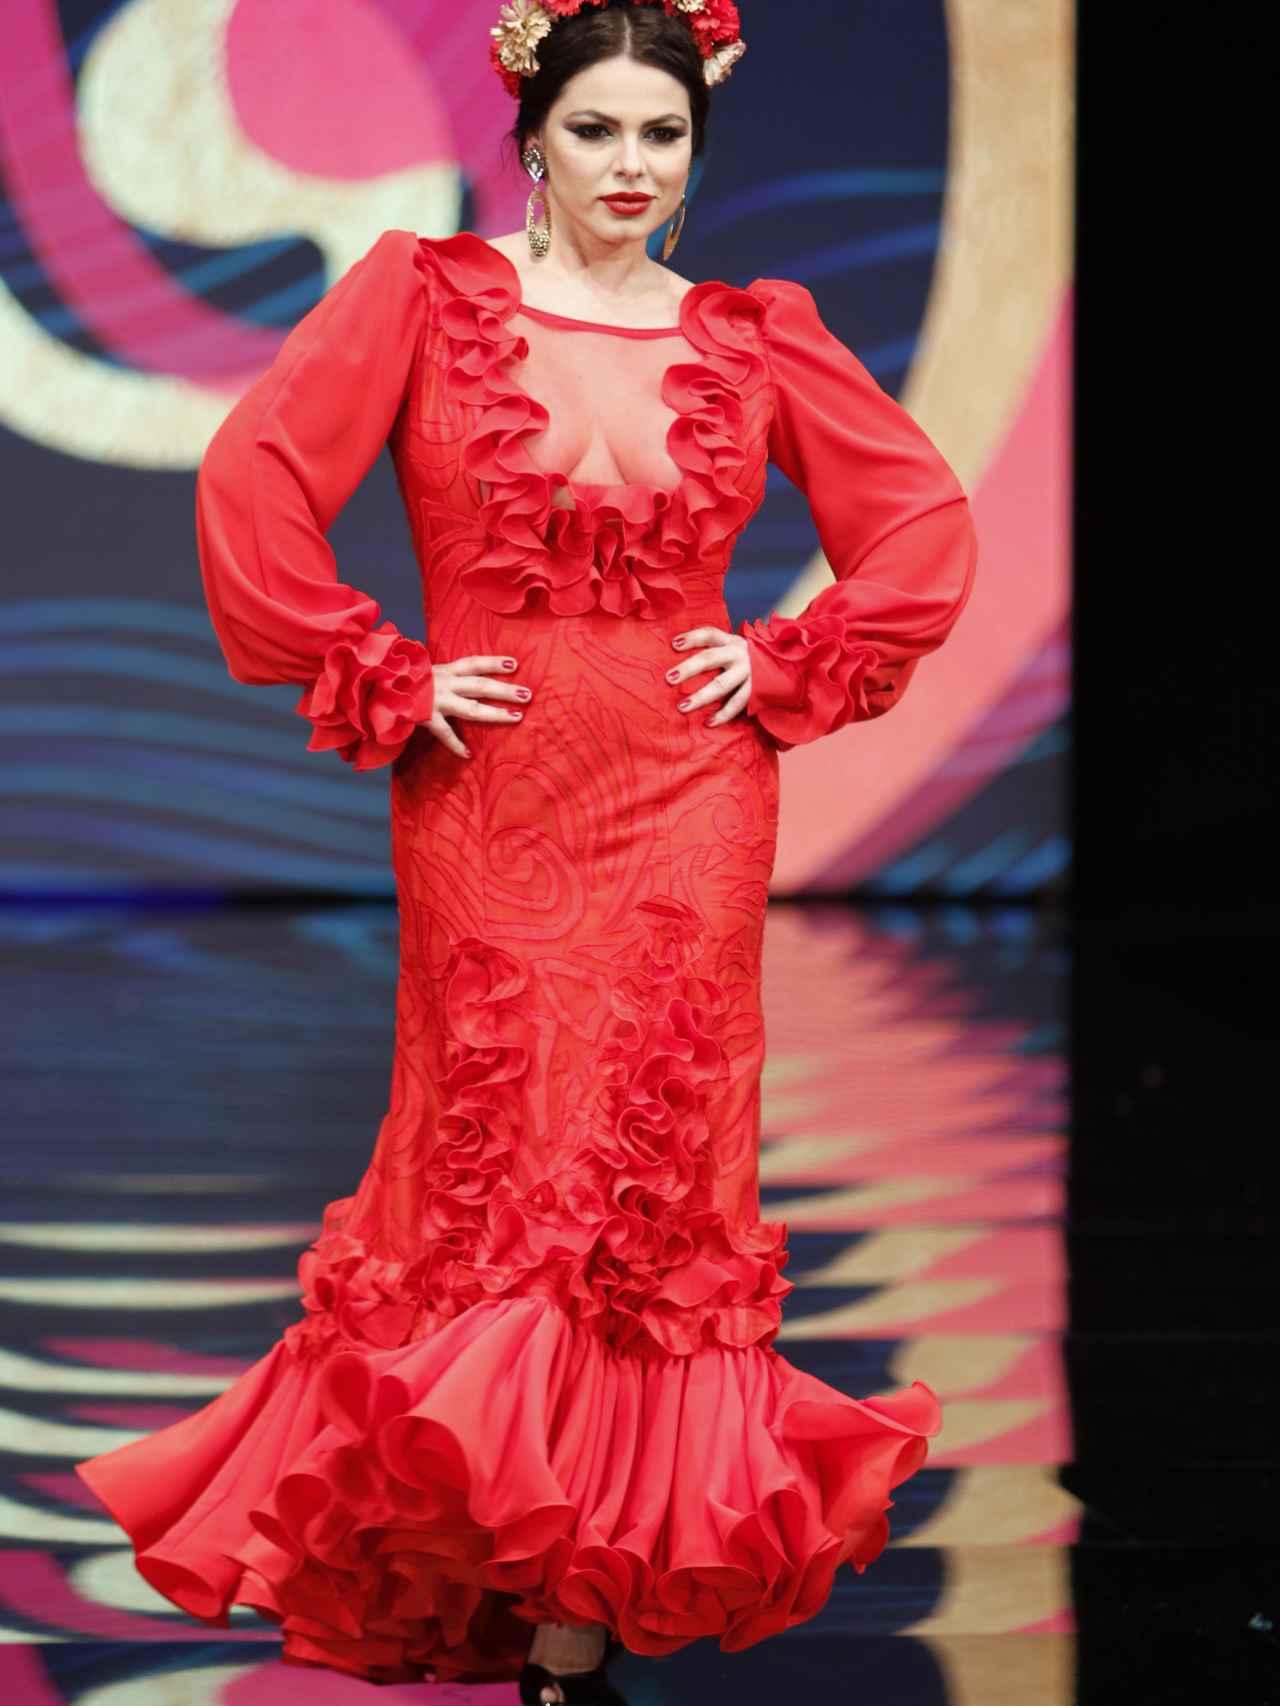 Marisa Jara desfilando en Simof en la moda flamenca curvy.